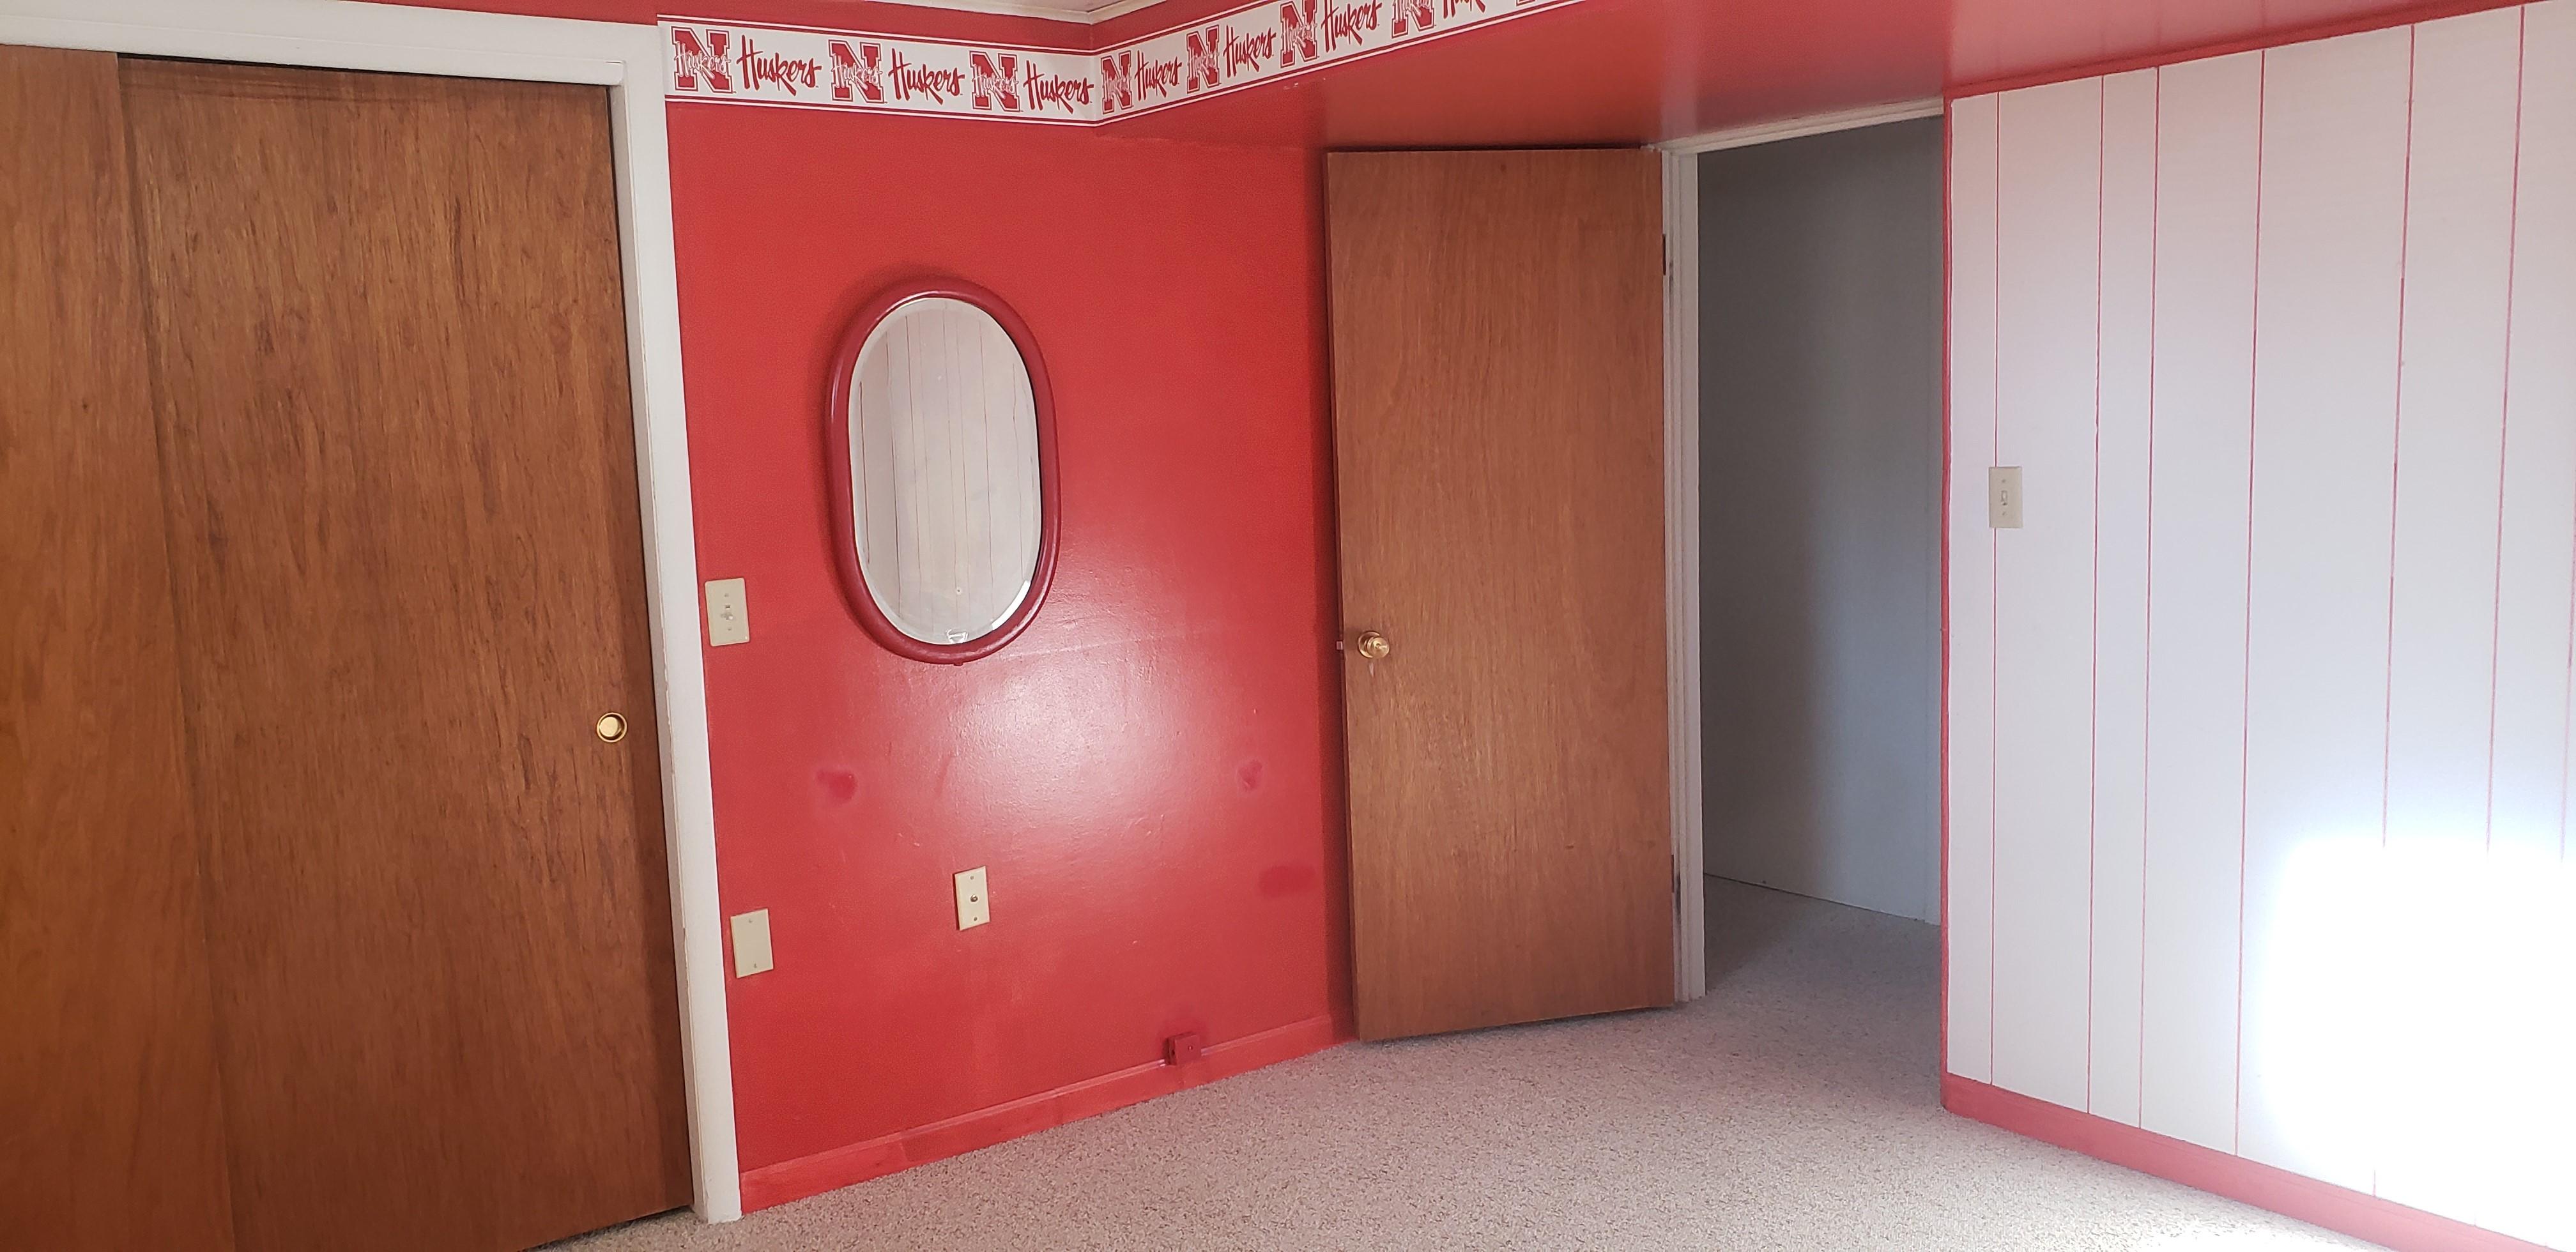 Husker Room Basement (2)